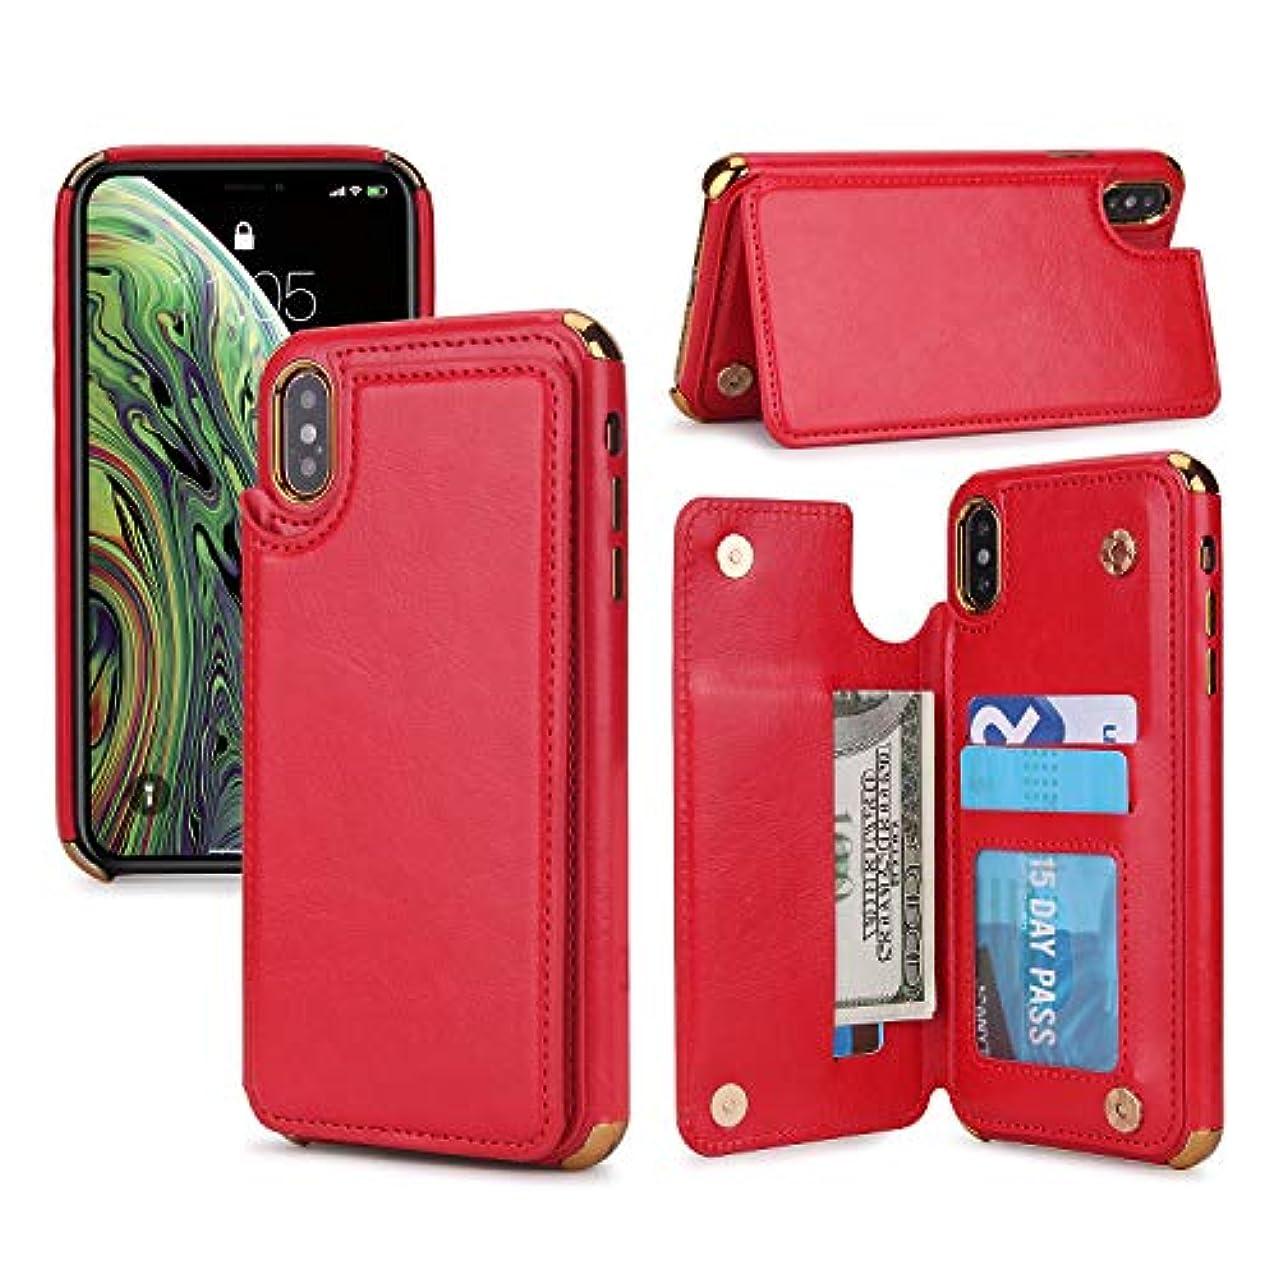 シートアノイエイリアンiPhone XS電話バッグ、TABCase高品質PUレザーキックスタンドカードスロットウォレットセット、ダブルマグネットバックル、耐久性のあるショックカバー5.8インチiPhone XS/ Xのフルエッジドロップ保護...